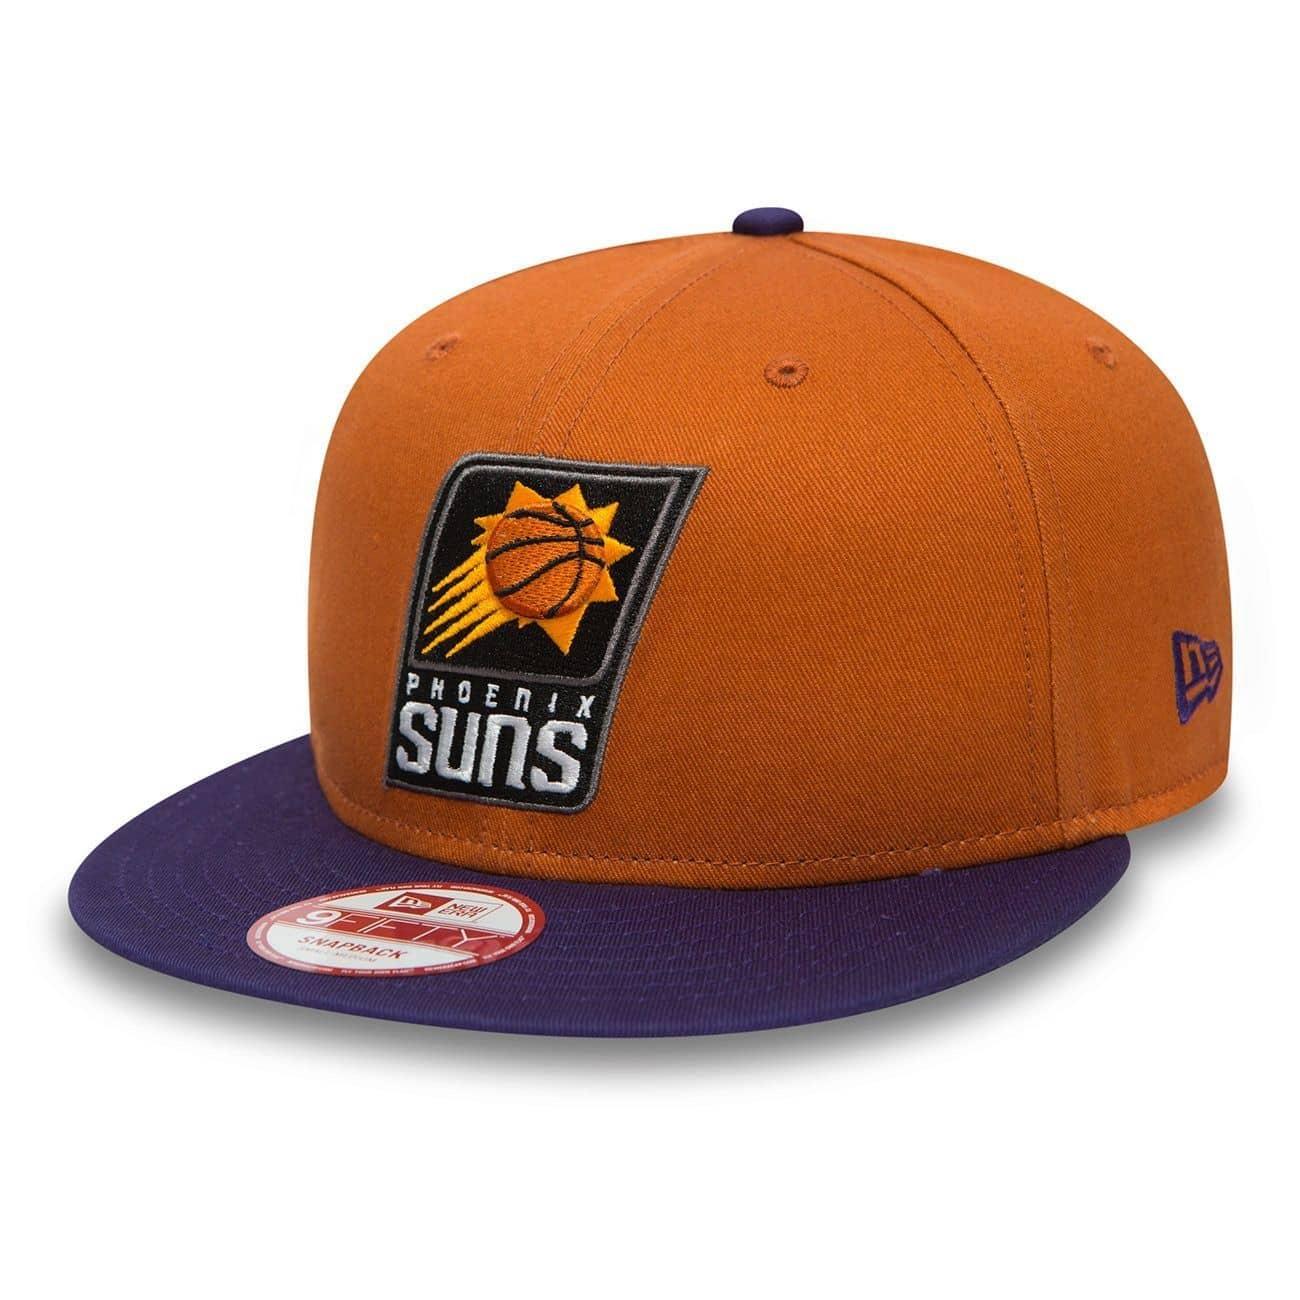 size 40 864a0 ddf8b New Era Phoenix Suns 2-Tone Team 9FIFTY Snapback NBA Cap M L   TAASS.com  Fan Shop